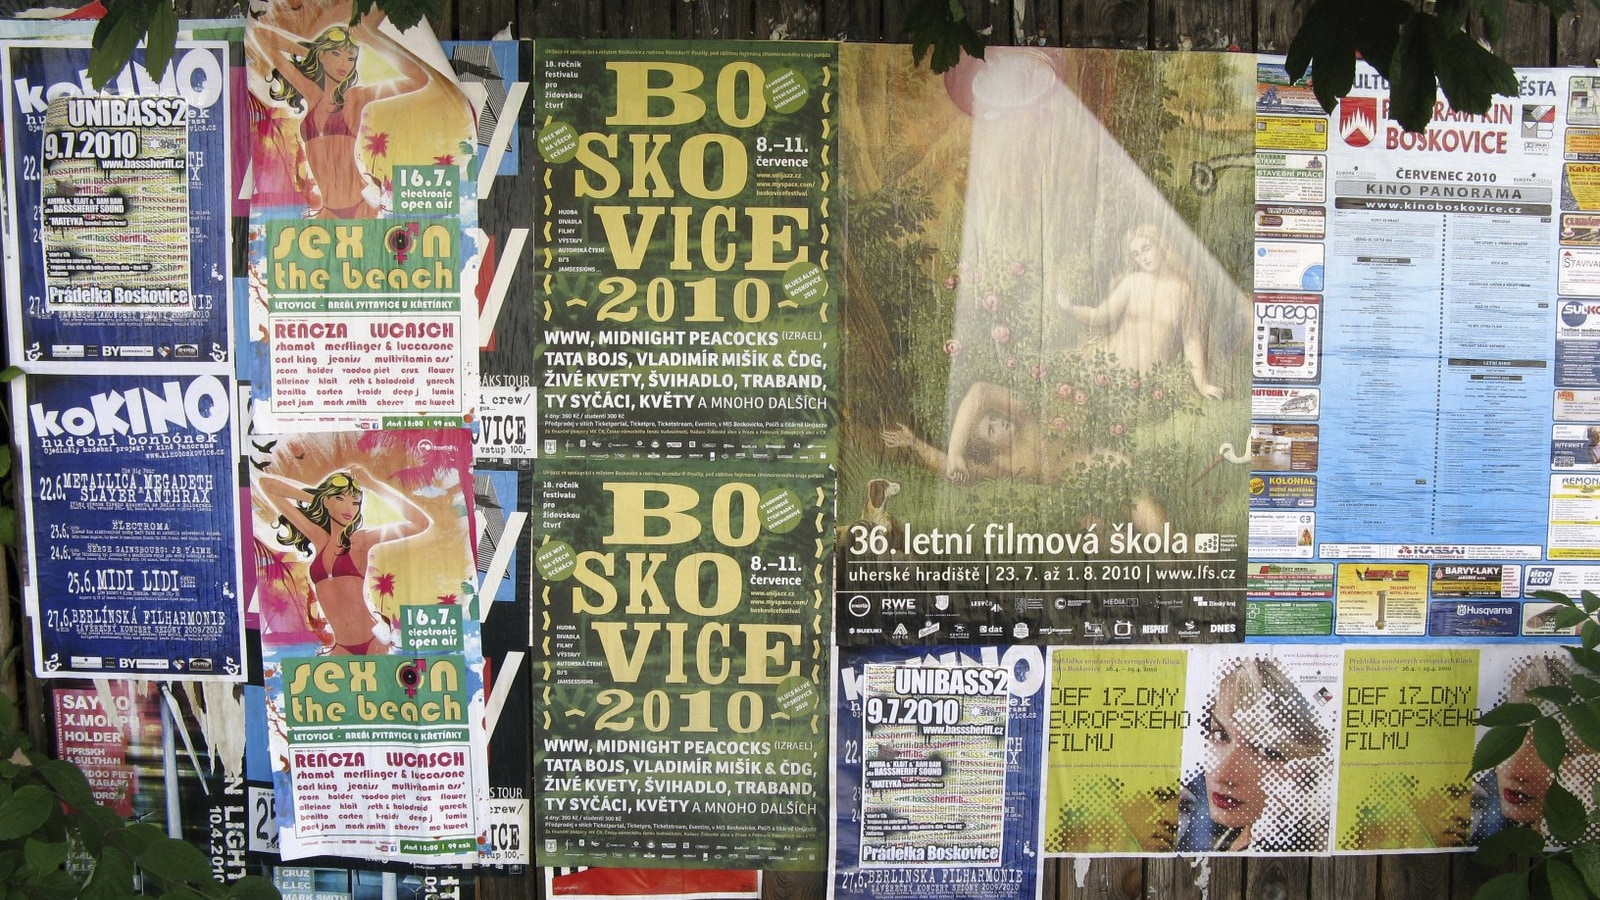 Boskovice_2010_1